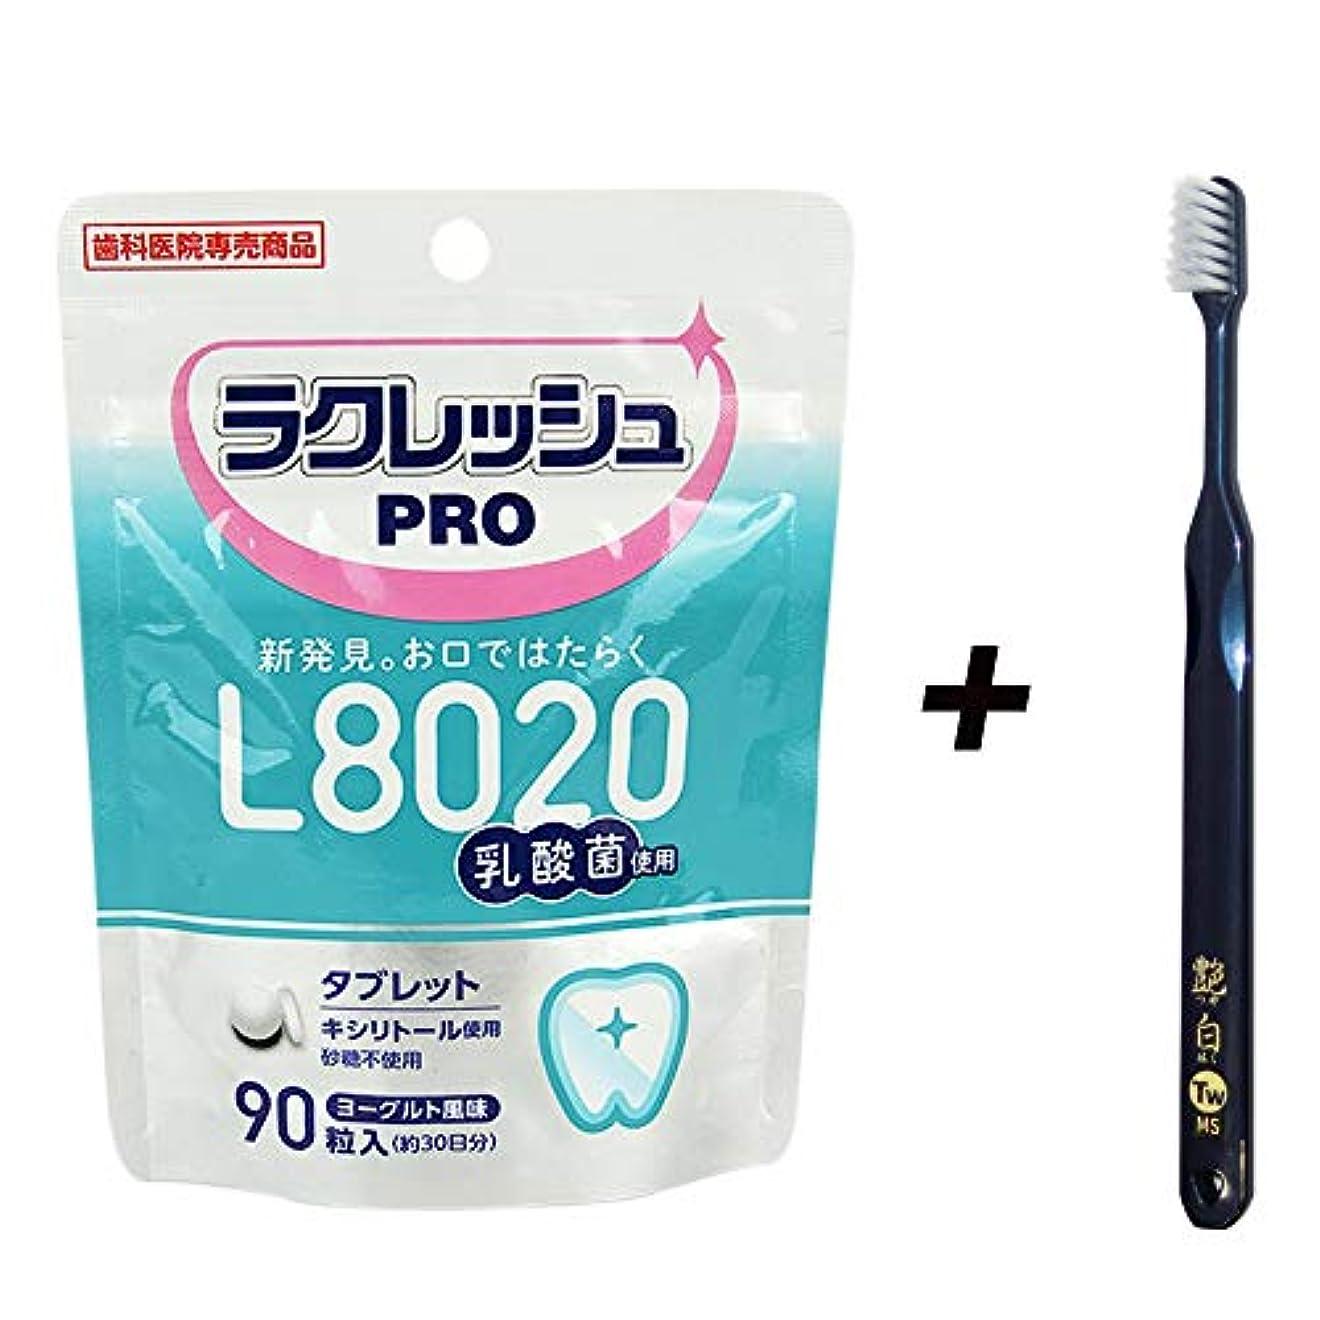 ヒット広範囲実行するL8020 乳酸菌 ラクレッシュ PRO タブレット 90粒×1袋 + 日本製歯ブラシ 艶白(つやはく)ツイン ハブラシ 1本 MS(やややわらかめ) 歯科医院取扱品